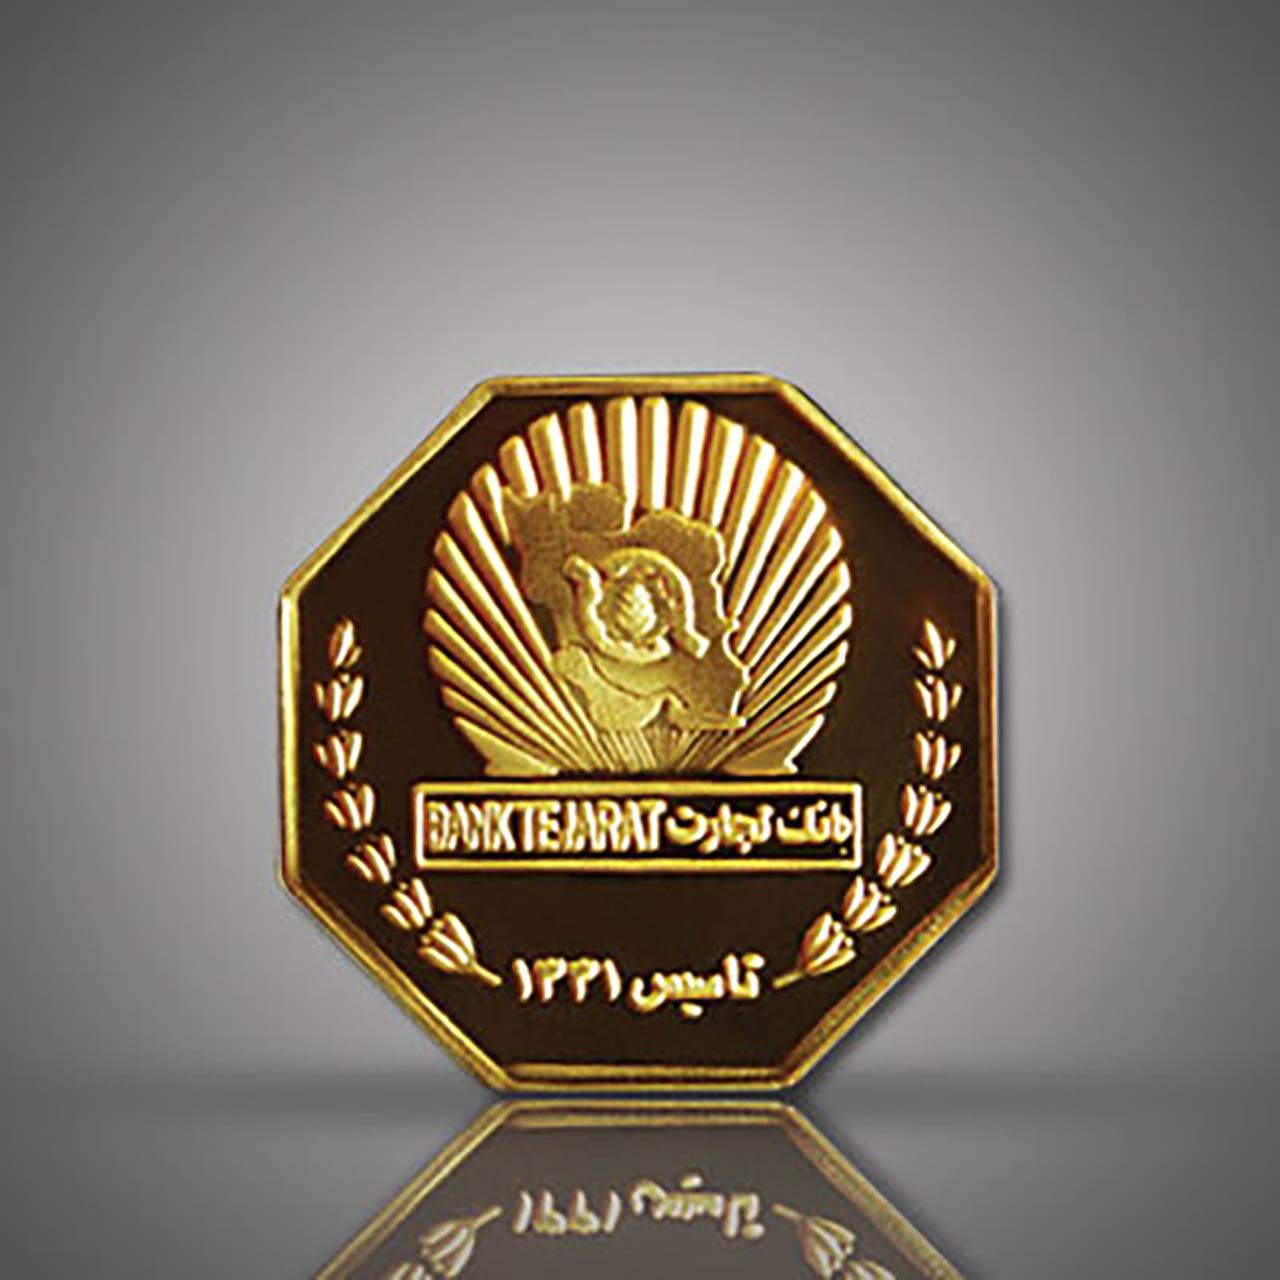 مدالیون(سکه یادبود) طلای بانک تجارت ، هشت ضلعی